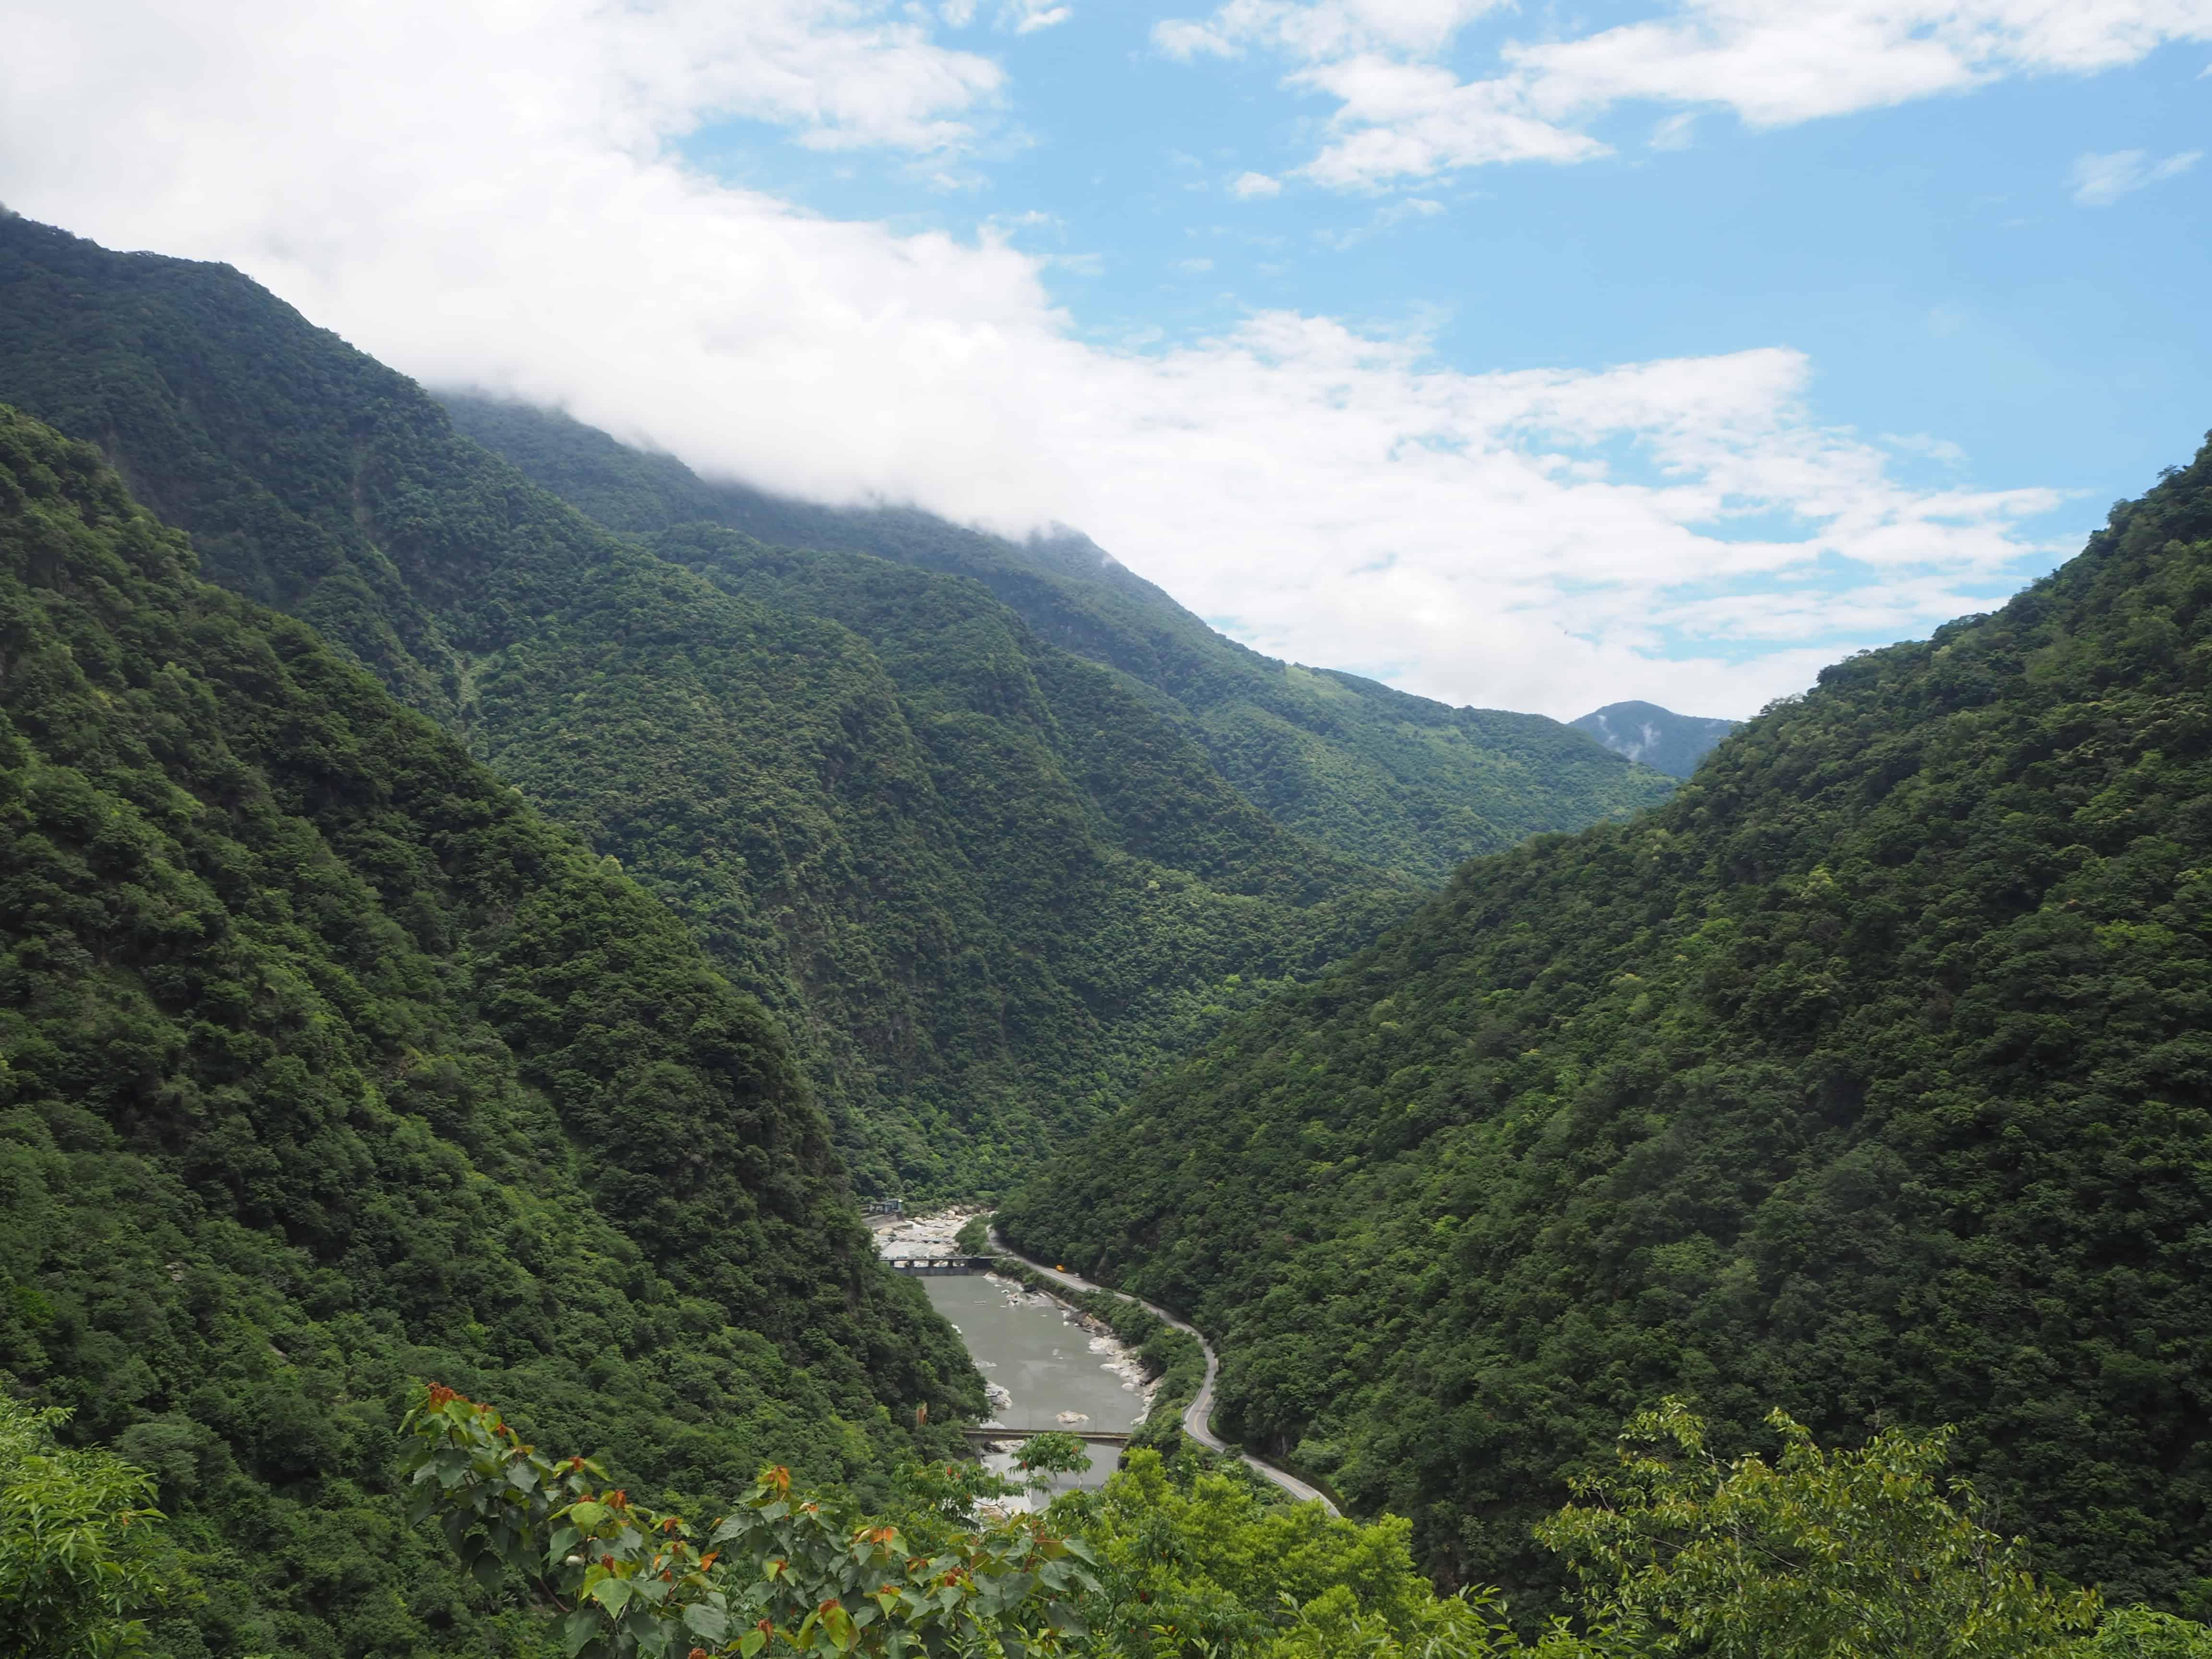 rivière entouré de montagne